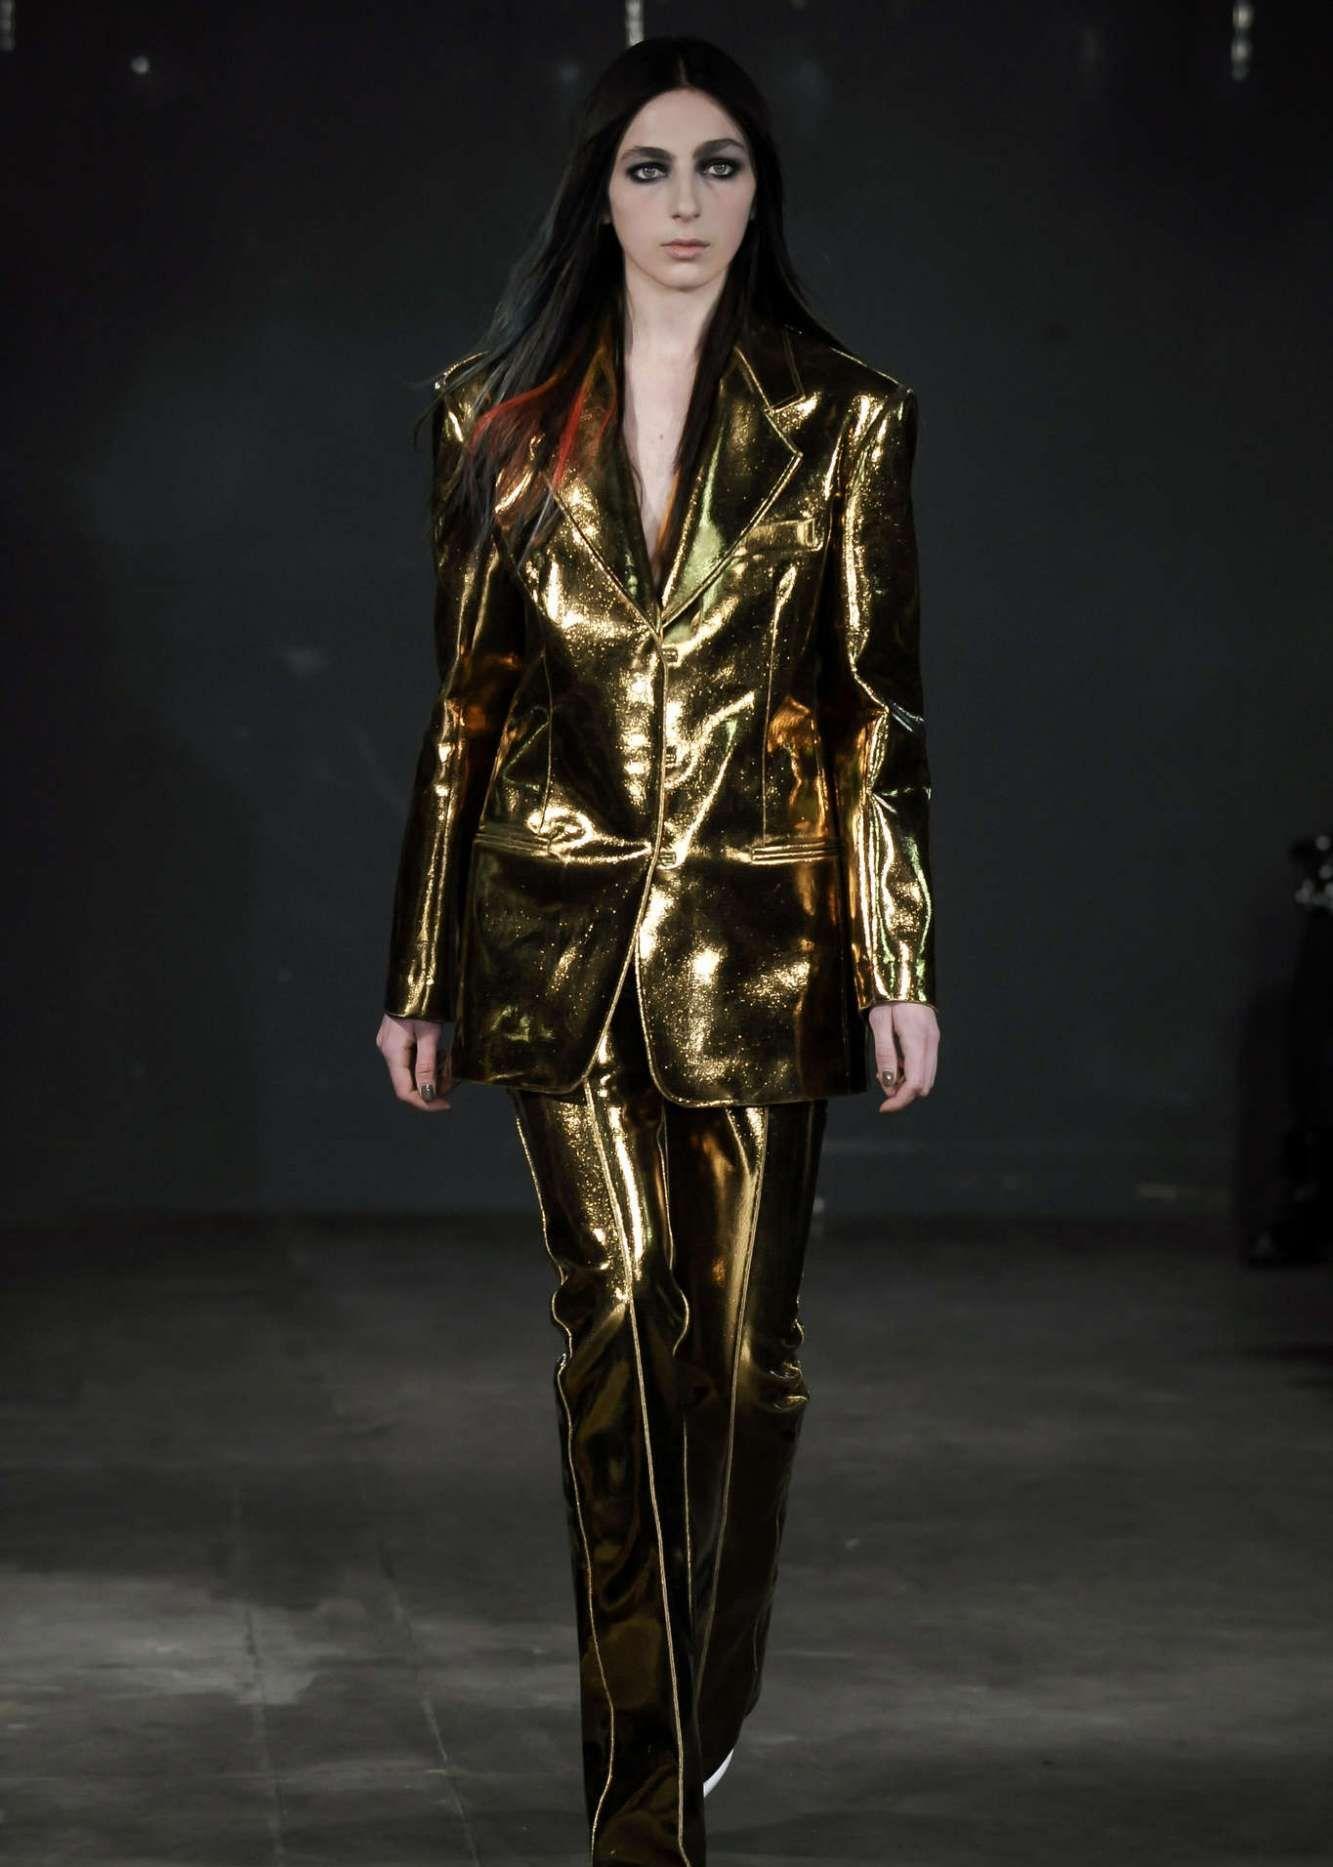 必备的时髦单品,更显潮流气质,轻松穿出秀场般的大牌感